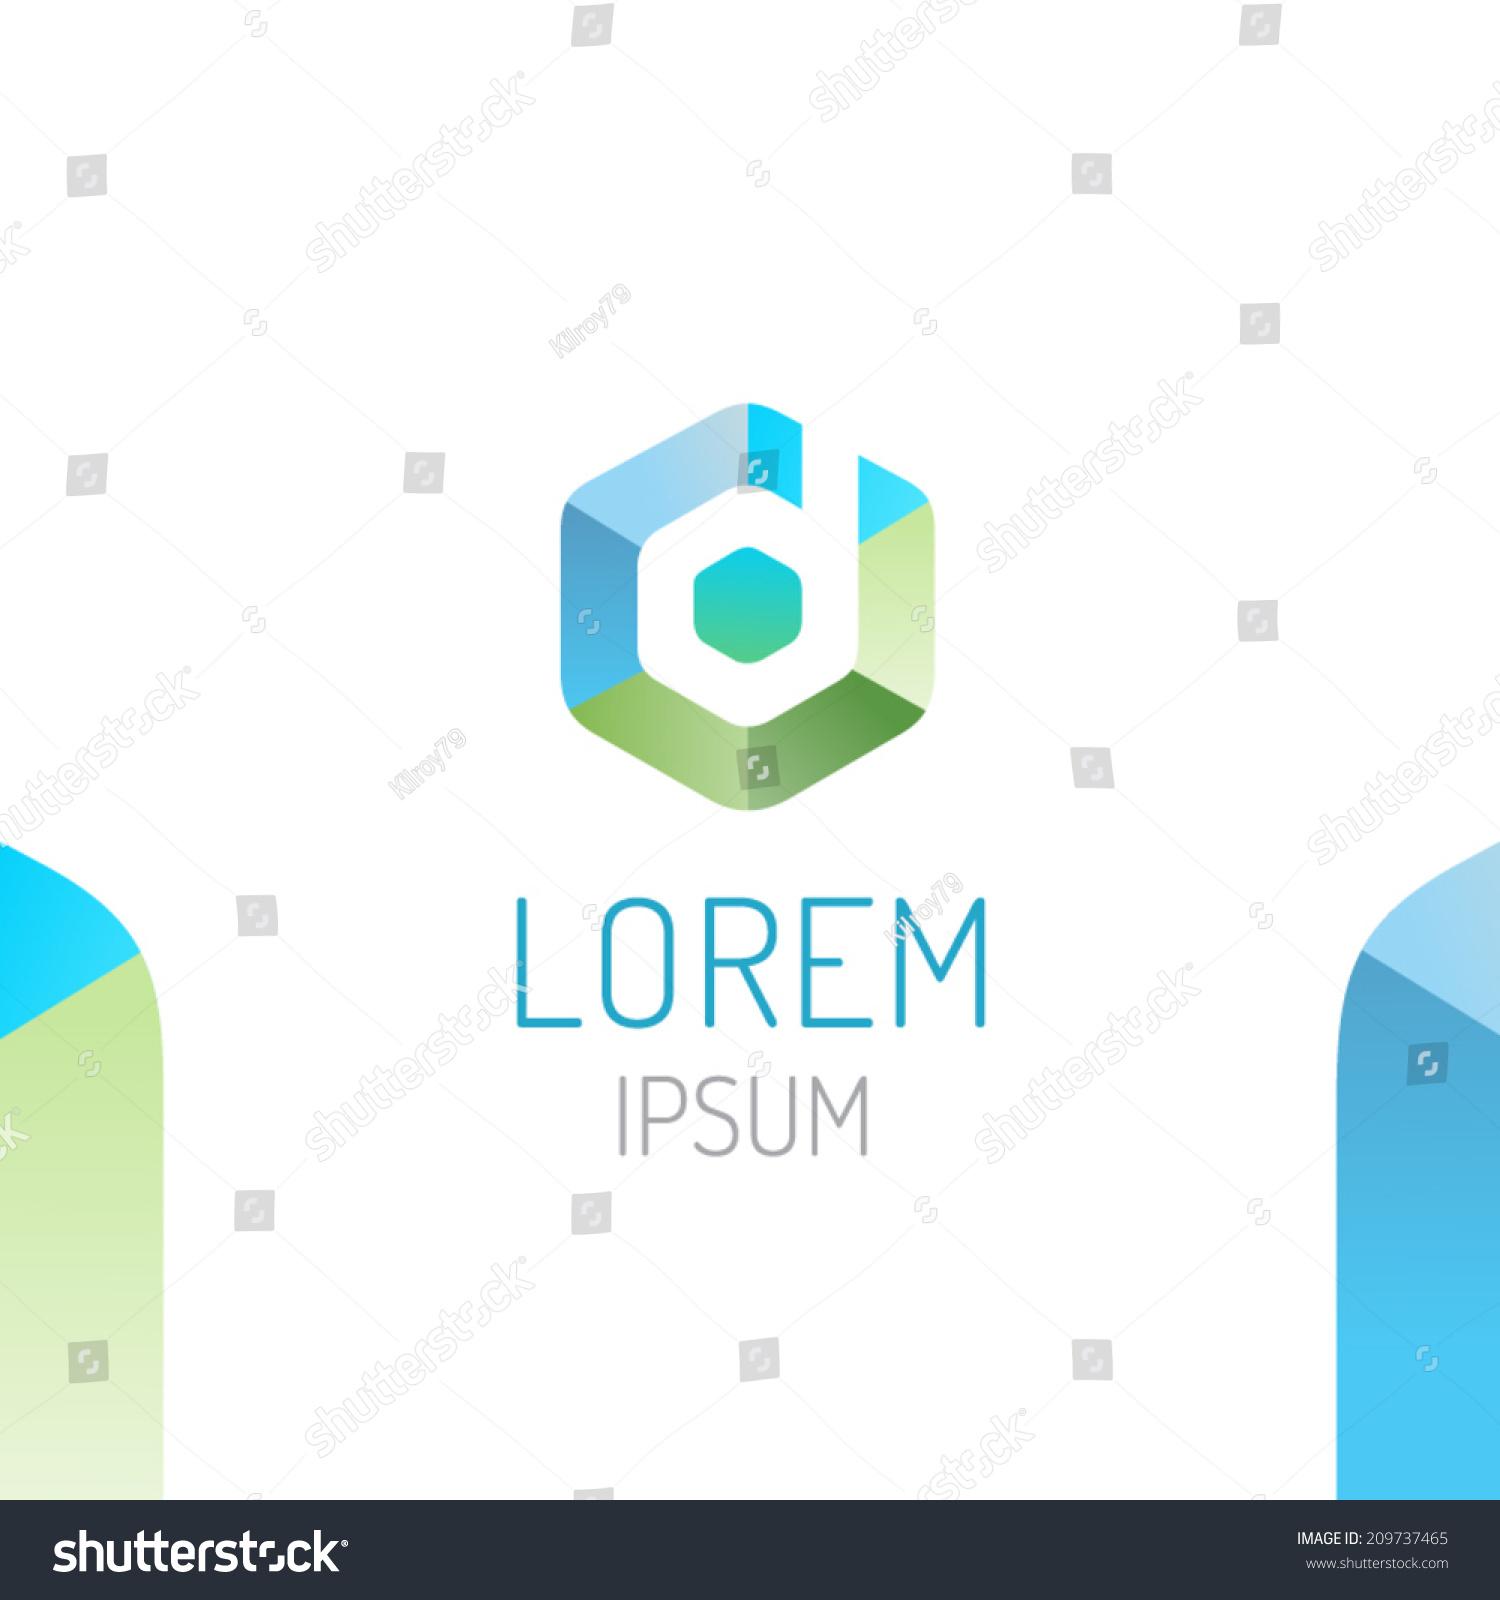 Niedlich Logo Design Vorschlag Vorlage Fotos - Entry Level Resume ...